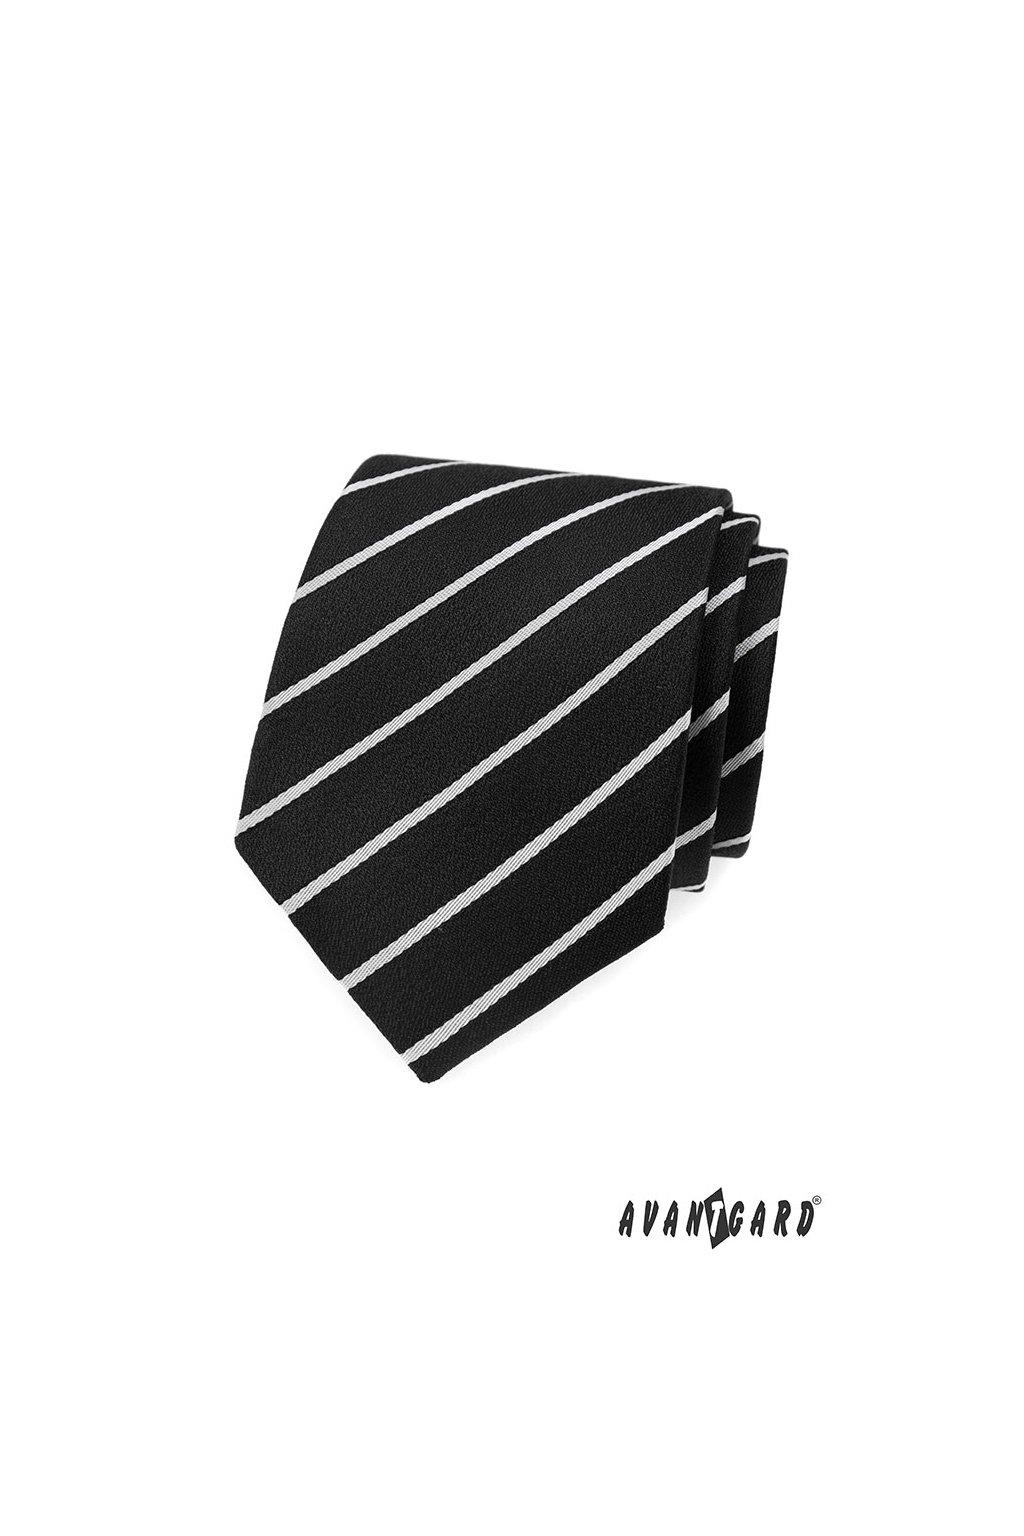 Černá luxusní kravata s bílým proužkem 561 - 81106